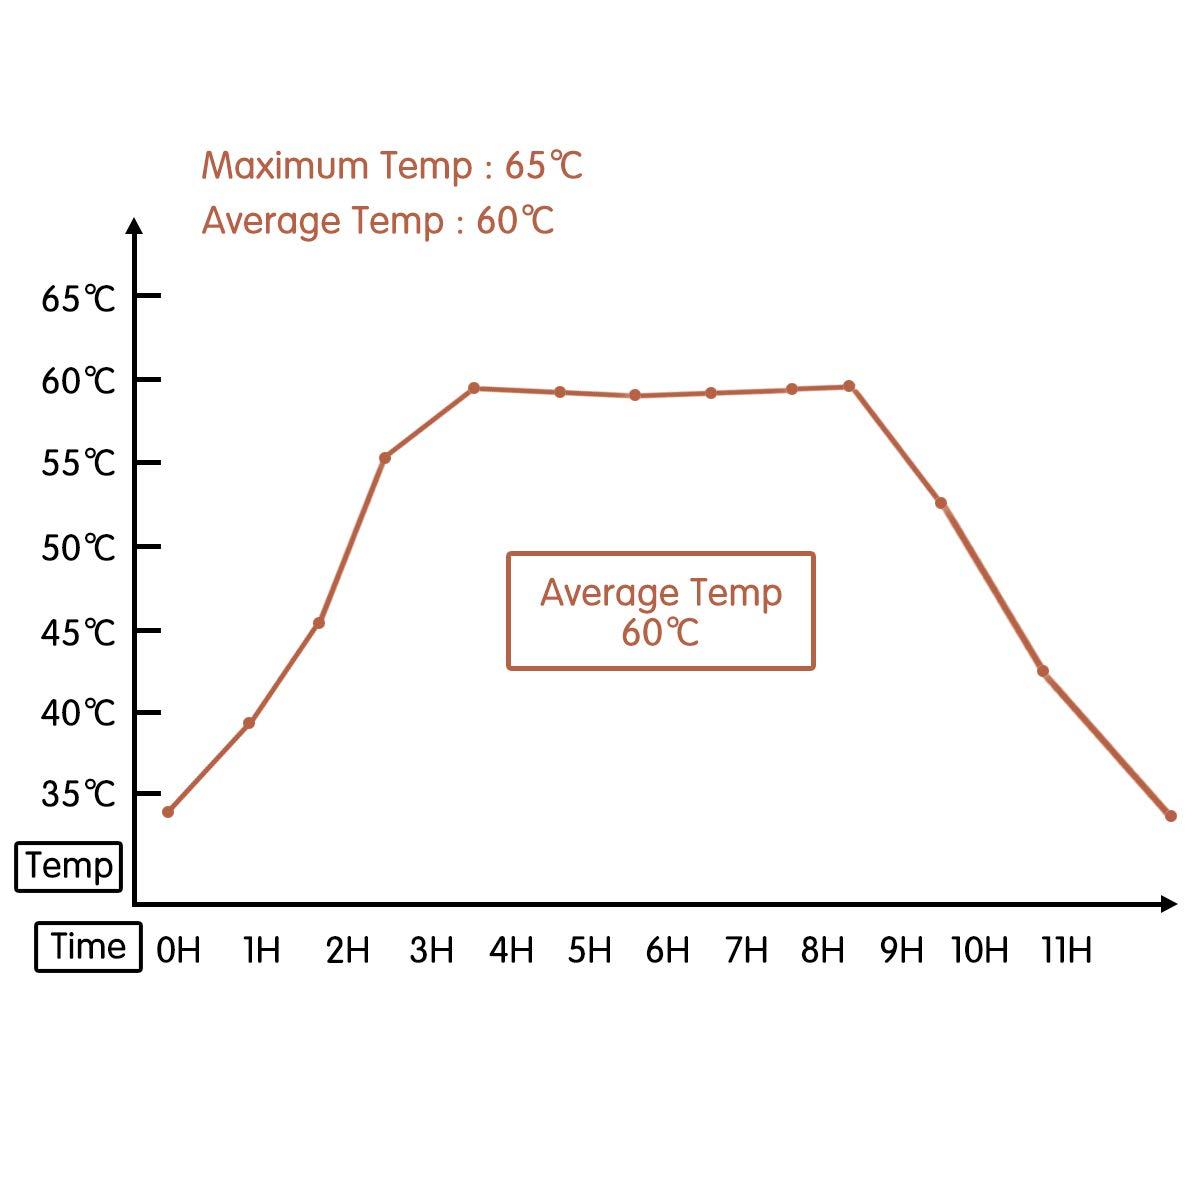 Hand Warmers Chauffe Corps 12 Pi/èces 100/% Naturel 60-65/°C Chaleur et Confort Maximum en Hiver Coussin Chauffant Chauffe-Dos et Nuque 10 Heures de Chaleur BACKTURE Chauffe-Mains